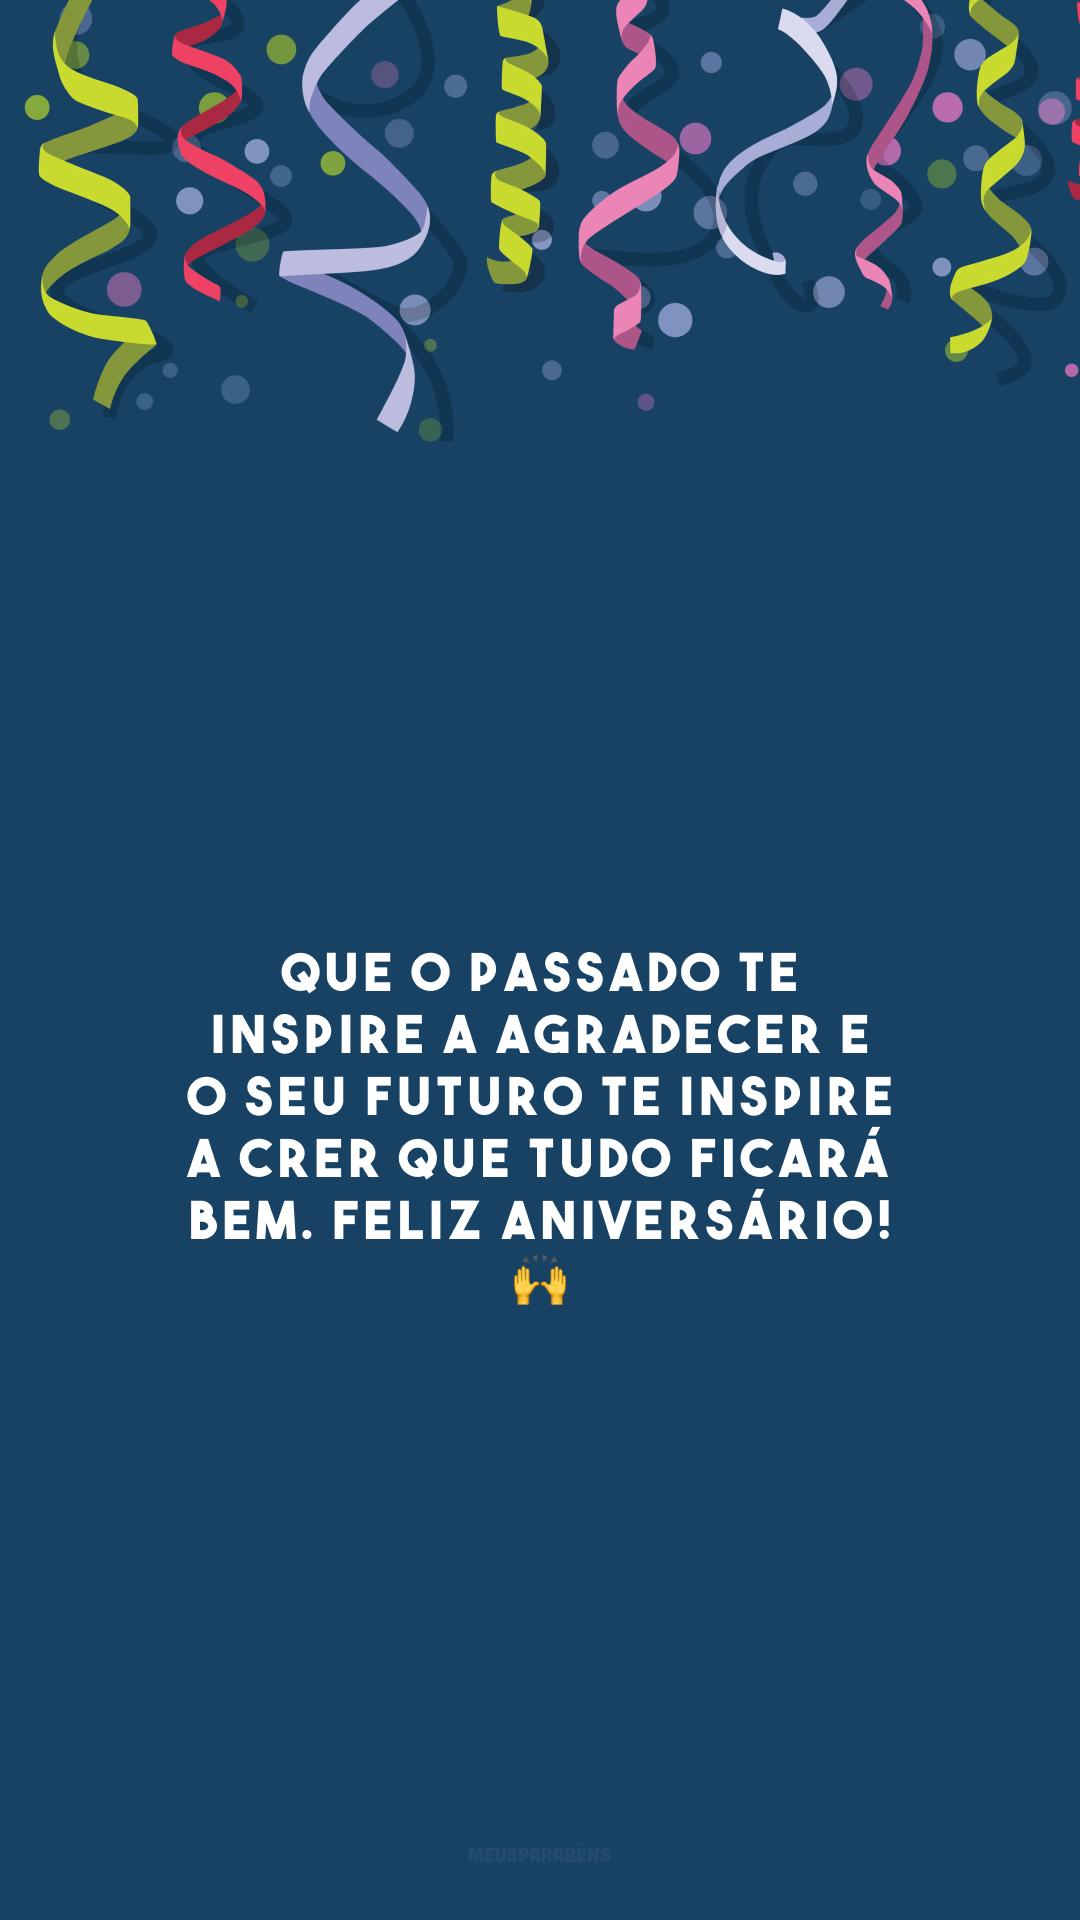 Que o passado te inspire a agradecer e o seu futuro te inspire a crer que tudo ficará bem. Feliz aniversário! 🙌